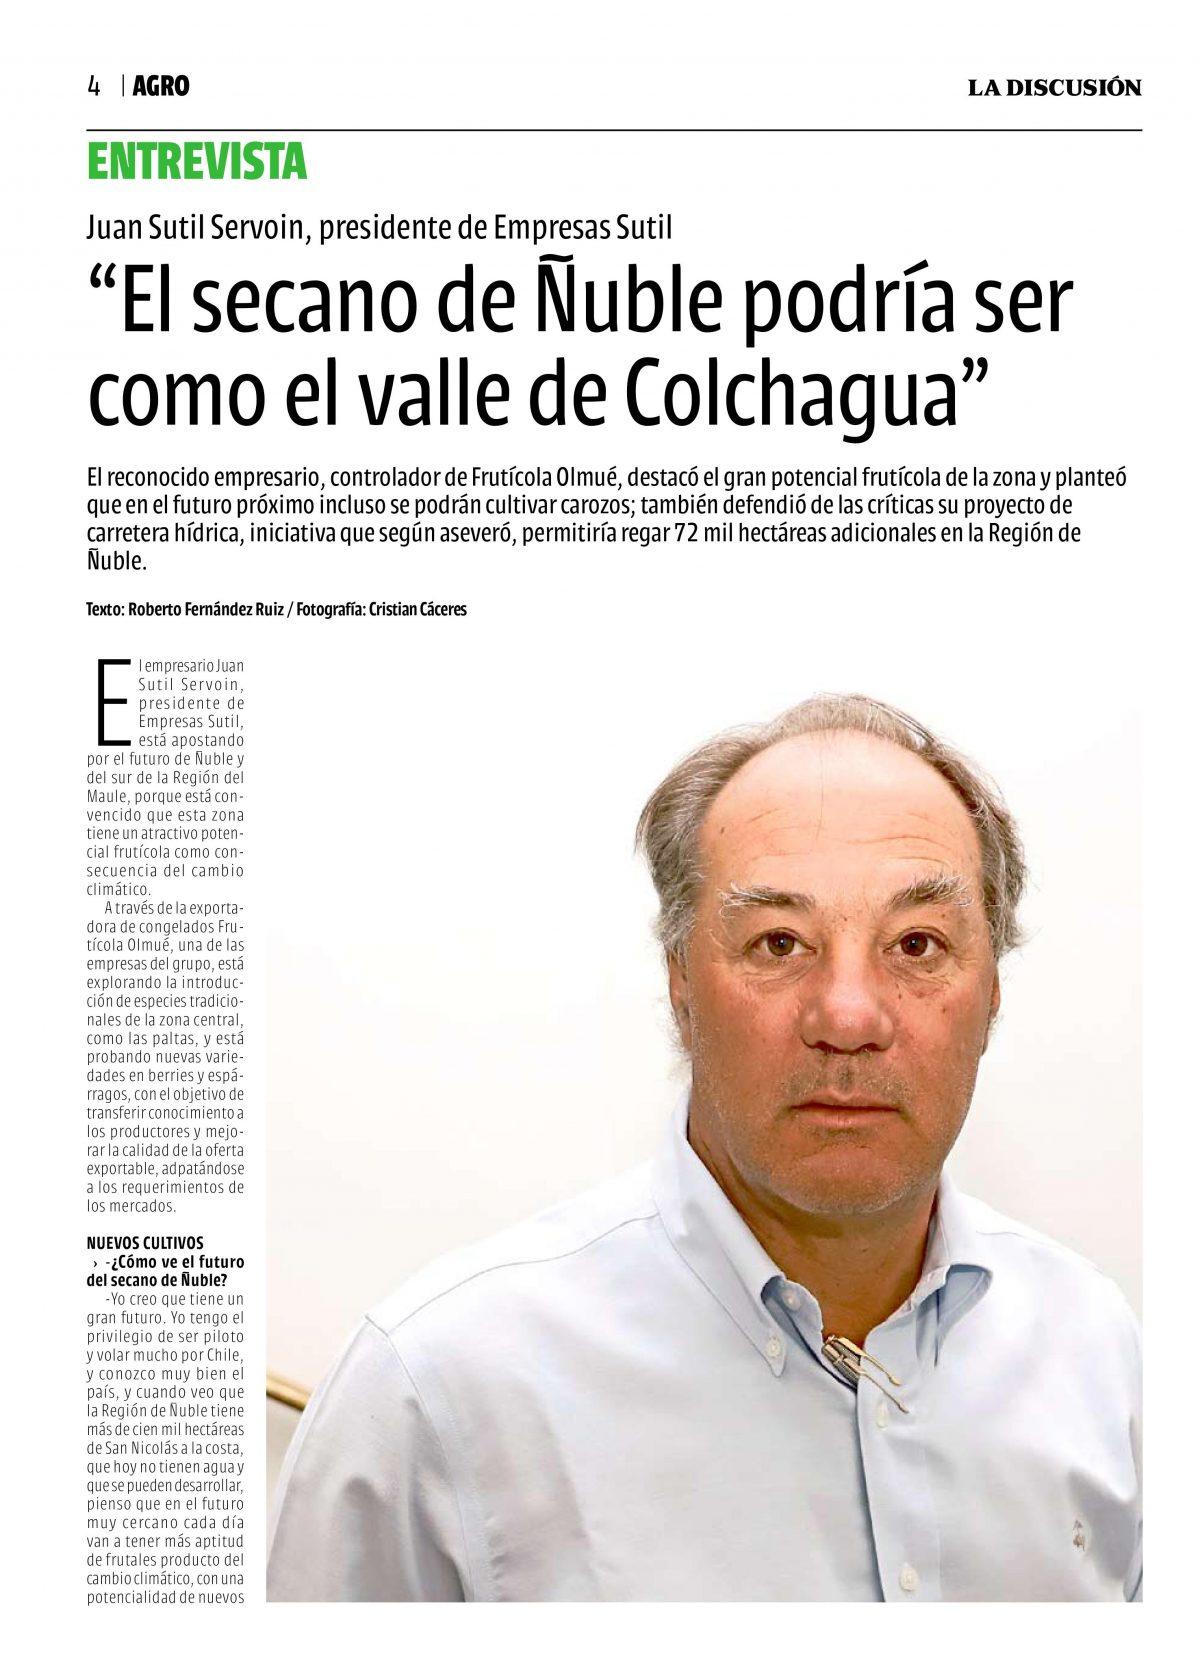 El Secano de Ñuble podría ser com el valle de Colchuagua